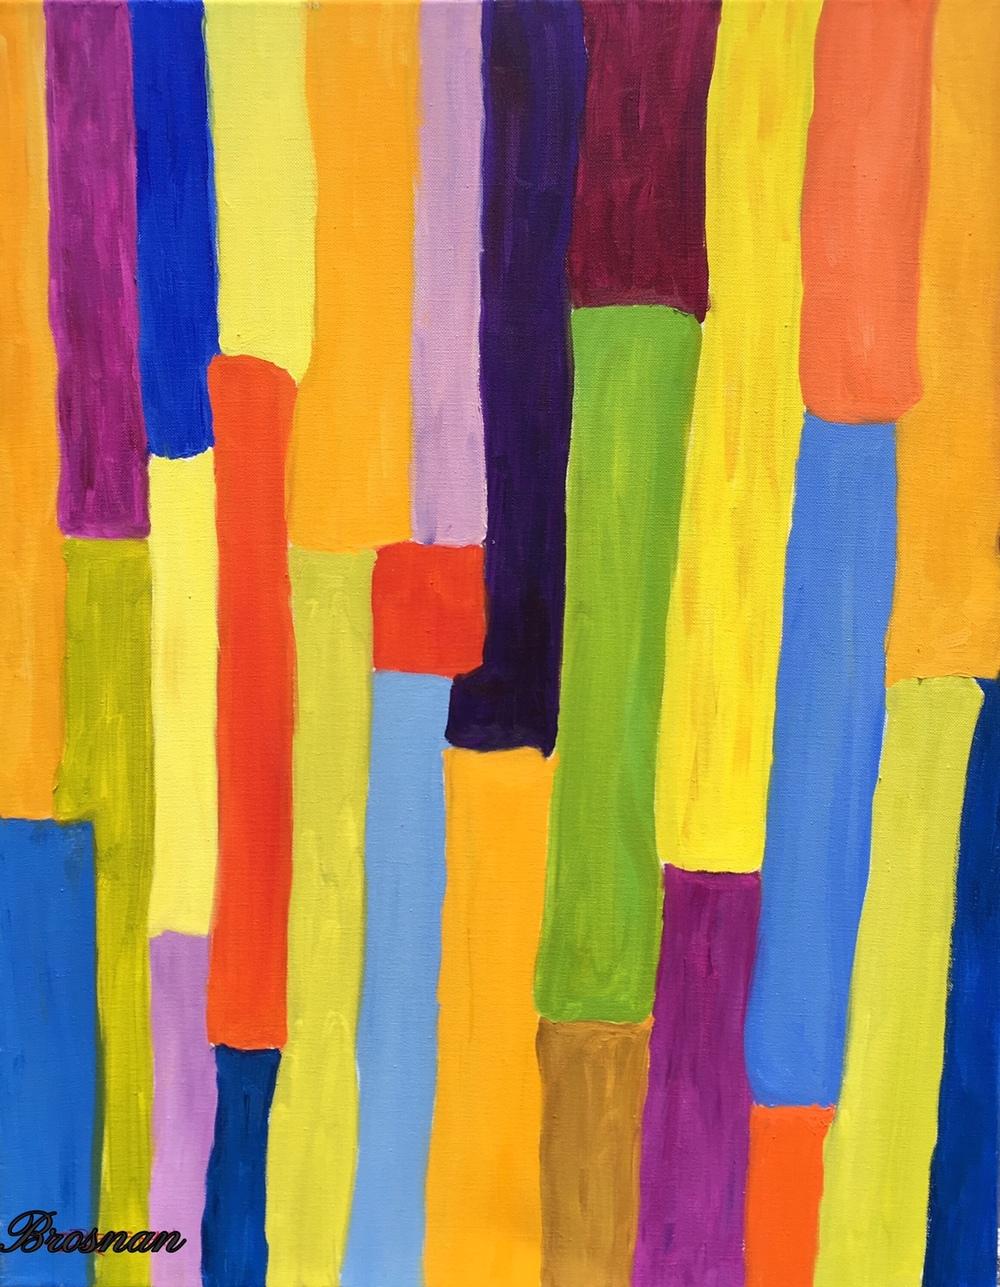 Color Study Bones 24x30 inches